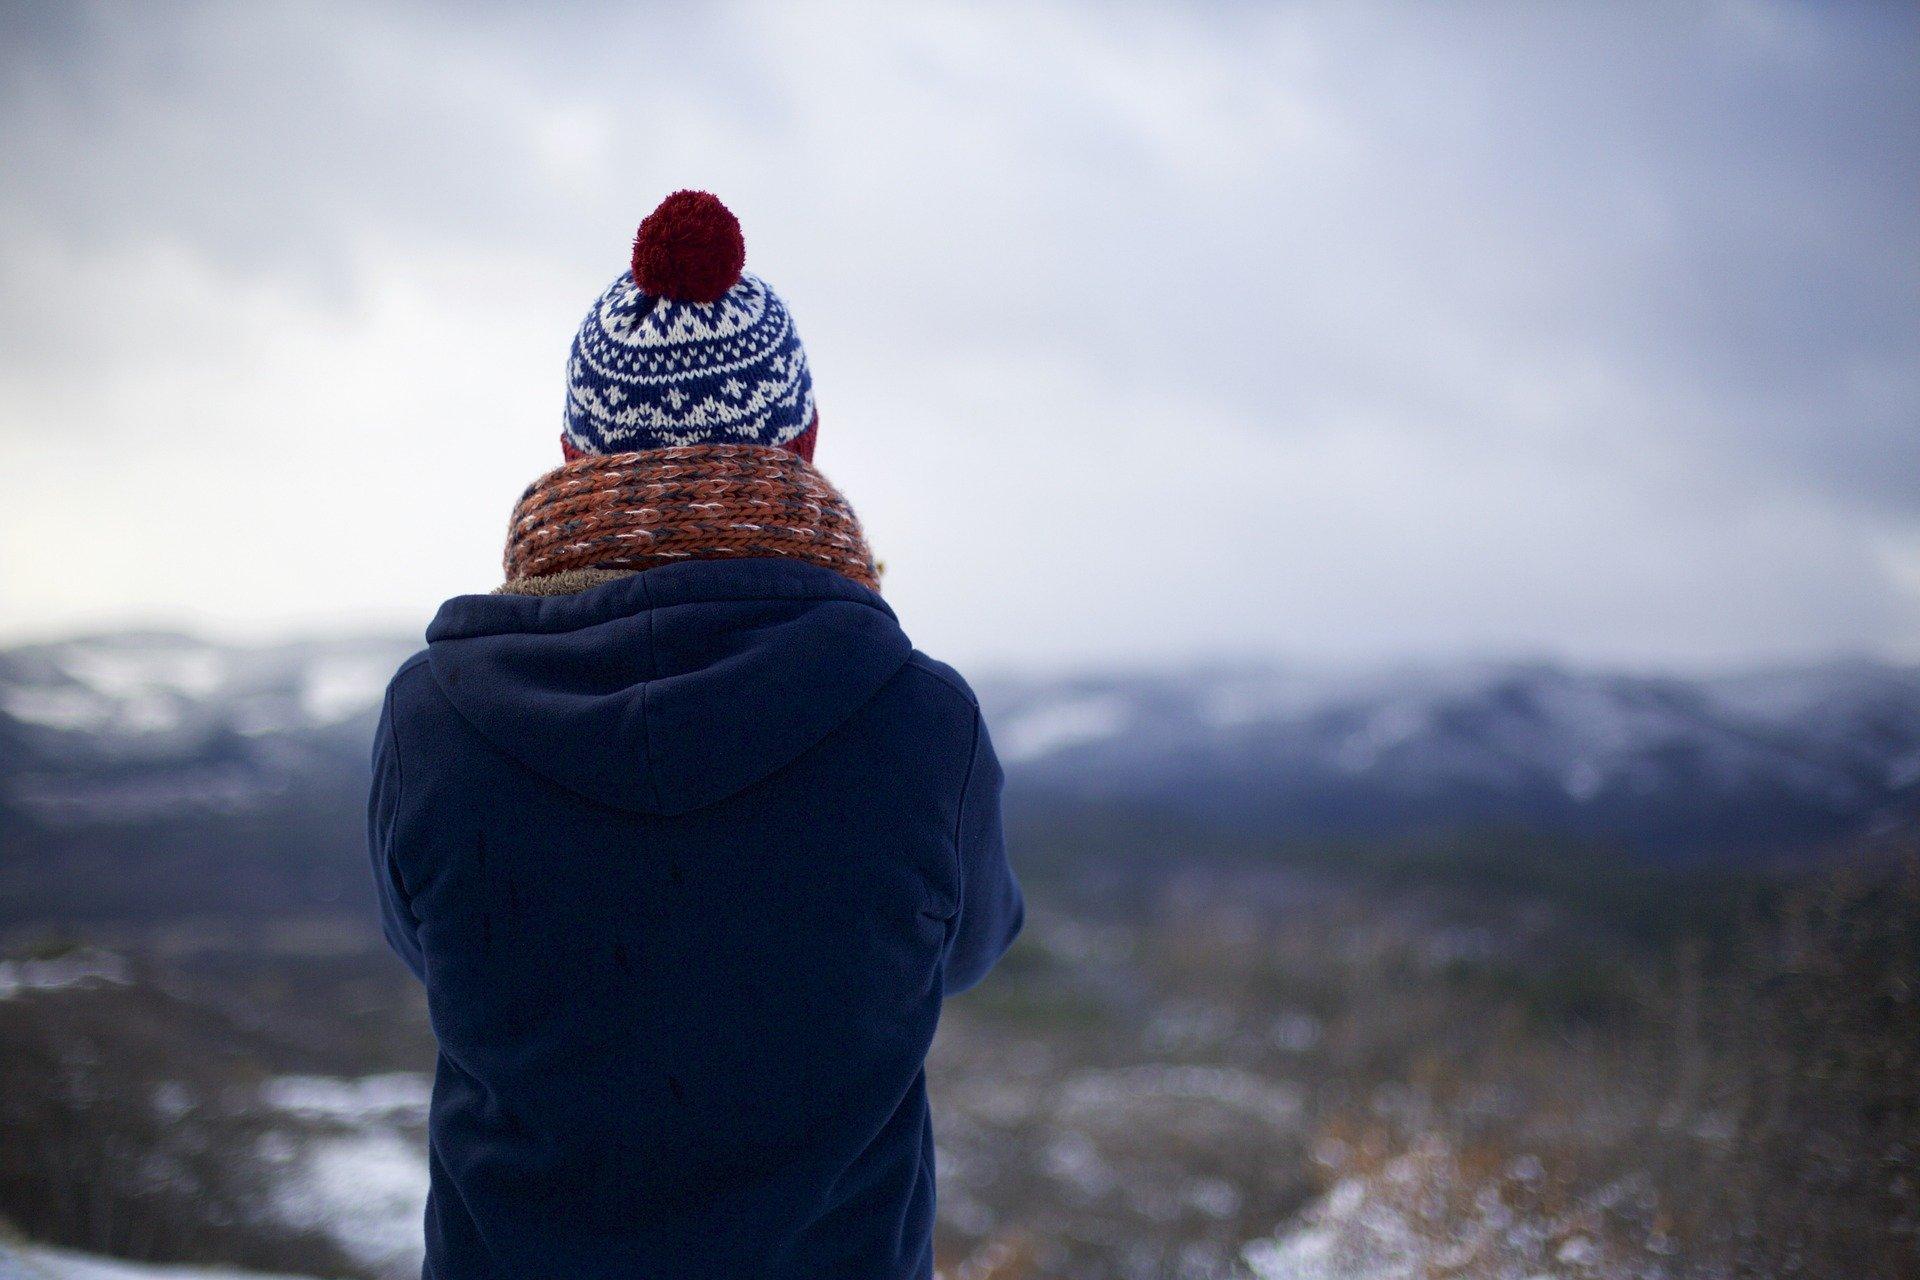 ¿Qué es el catarro? ¿Cómo aliviar los síntomas del resfriado?